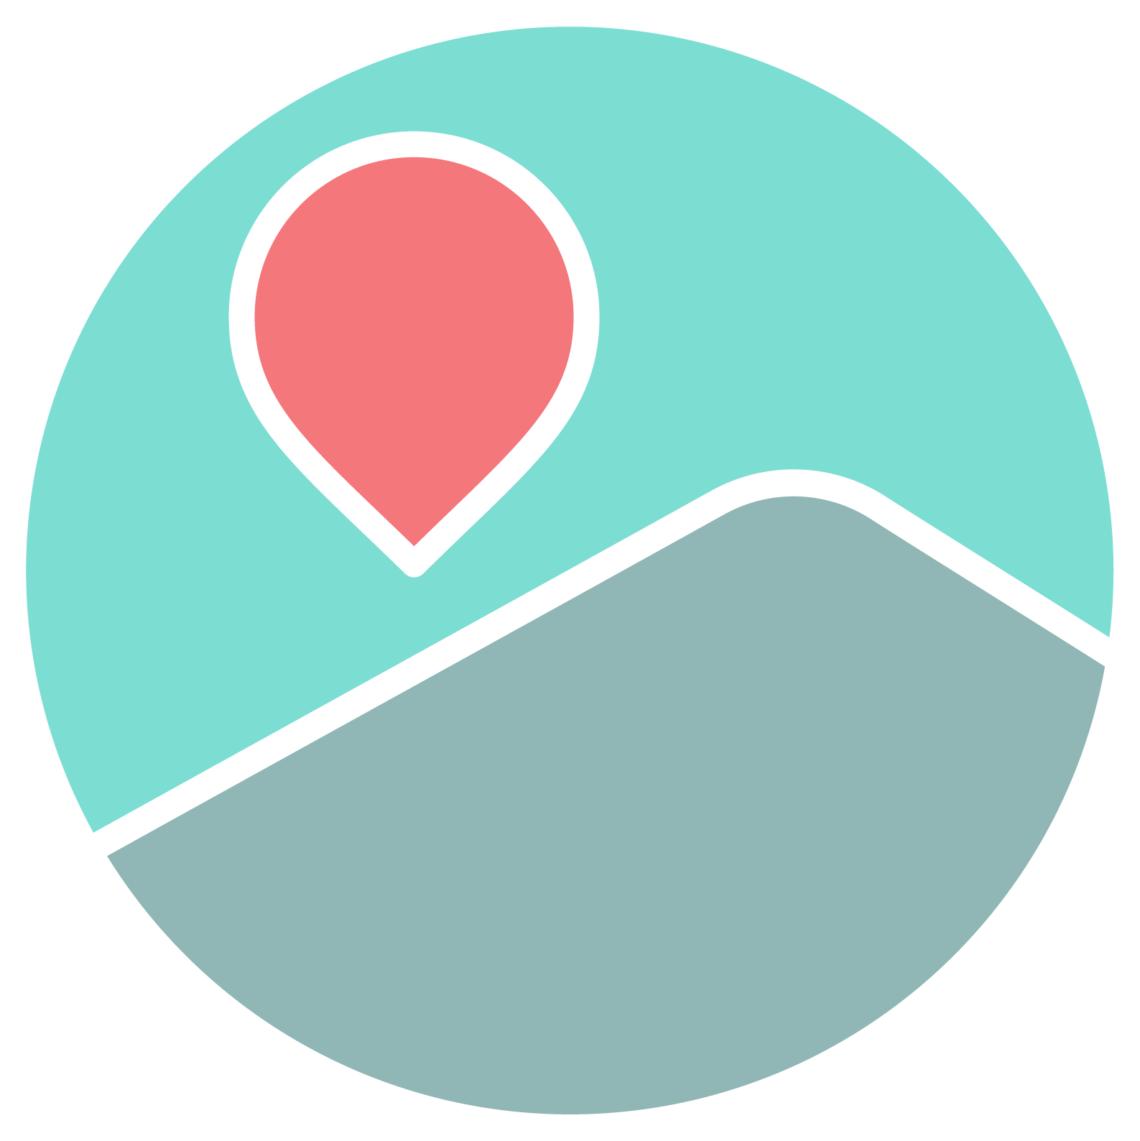 logo odysway vectorisé montagne grise ciel bleu montgolfière rouge